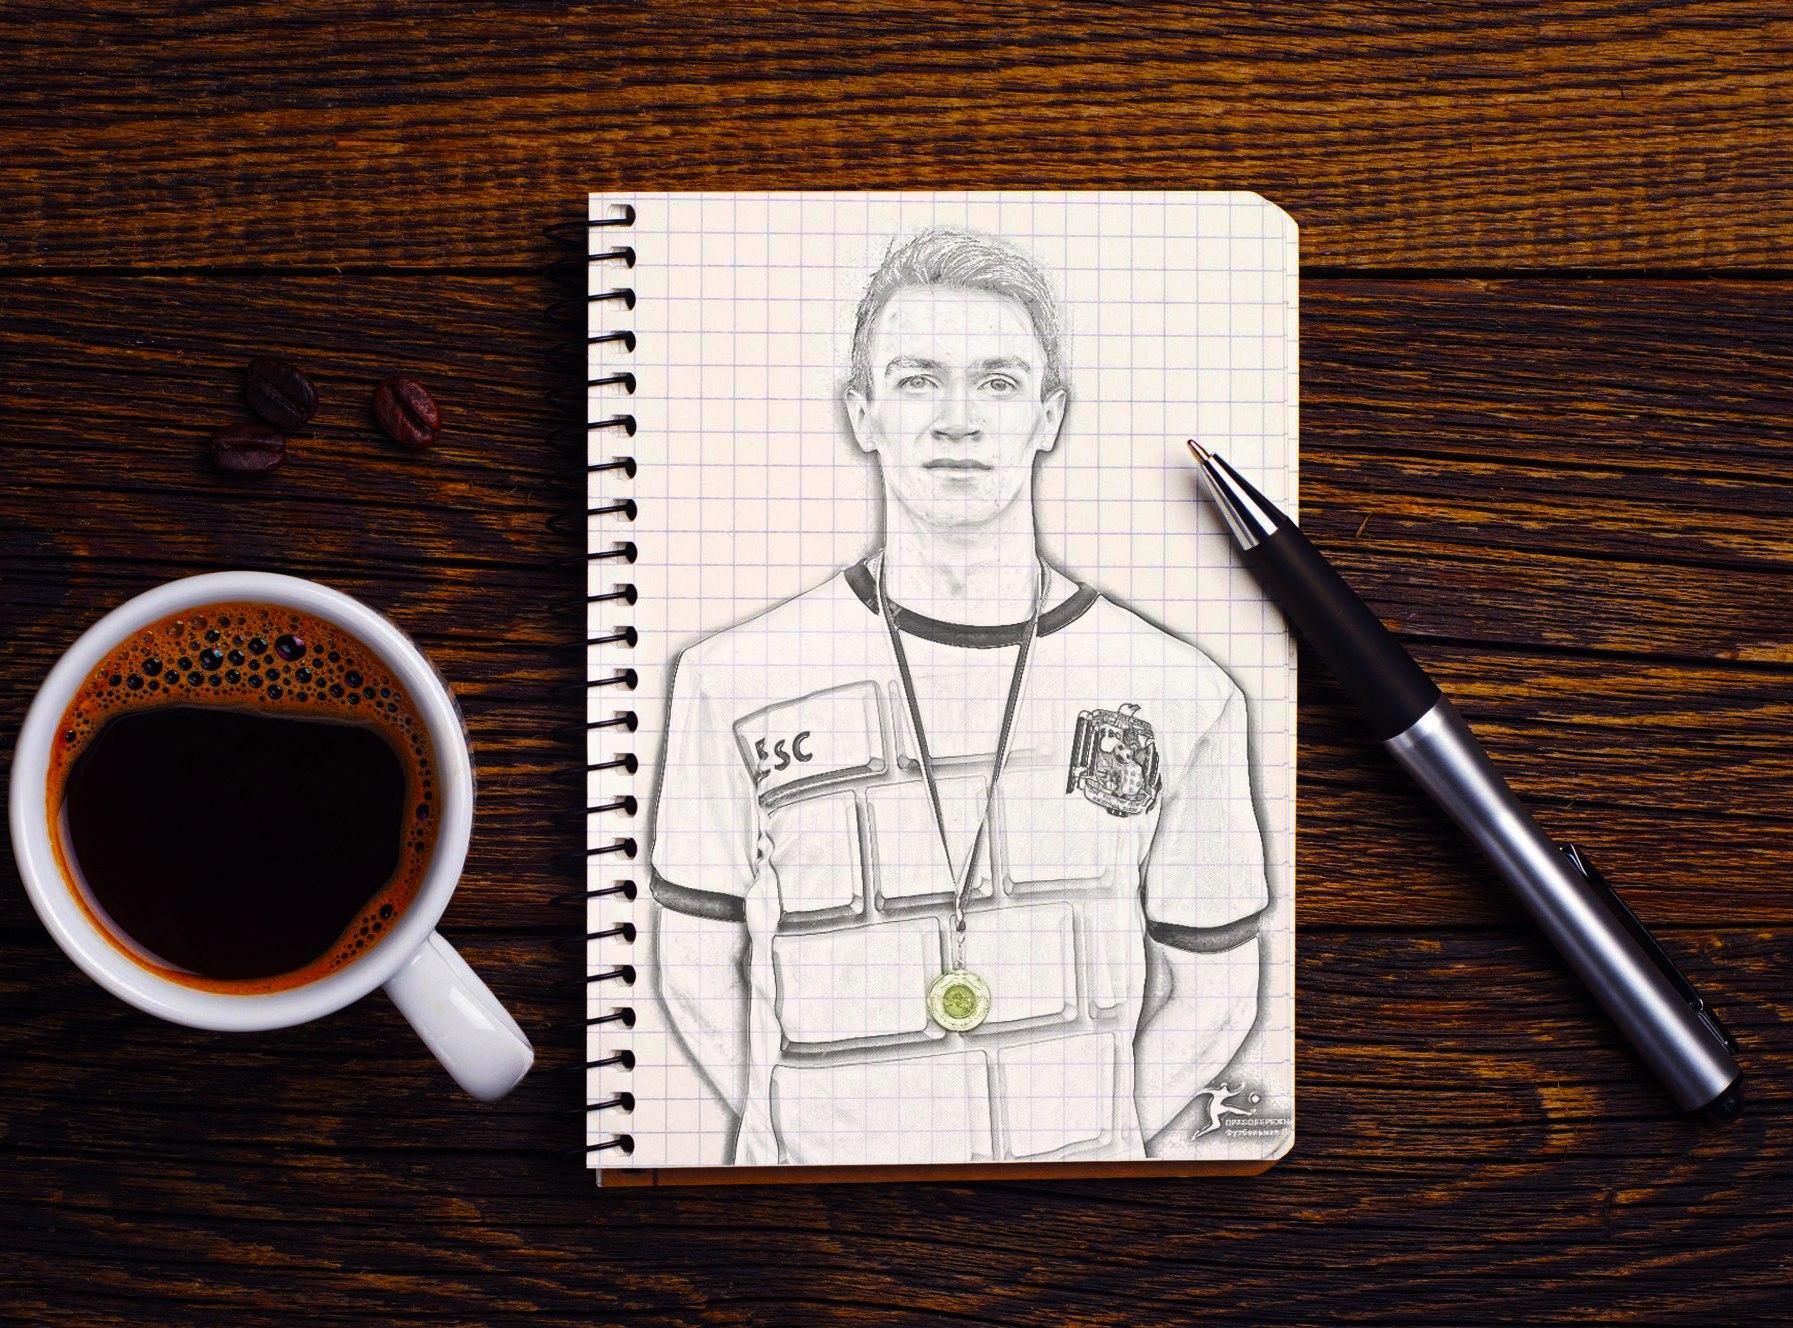 Алексей Самсонов, рисунок карандашом